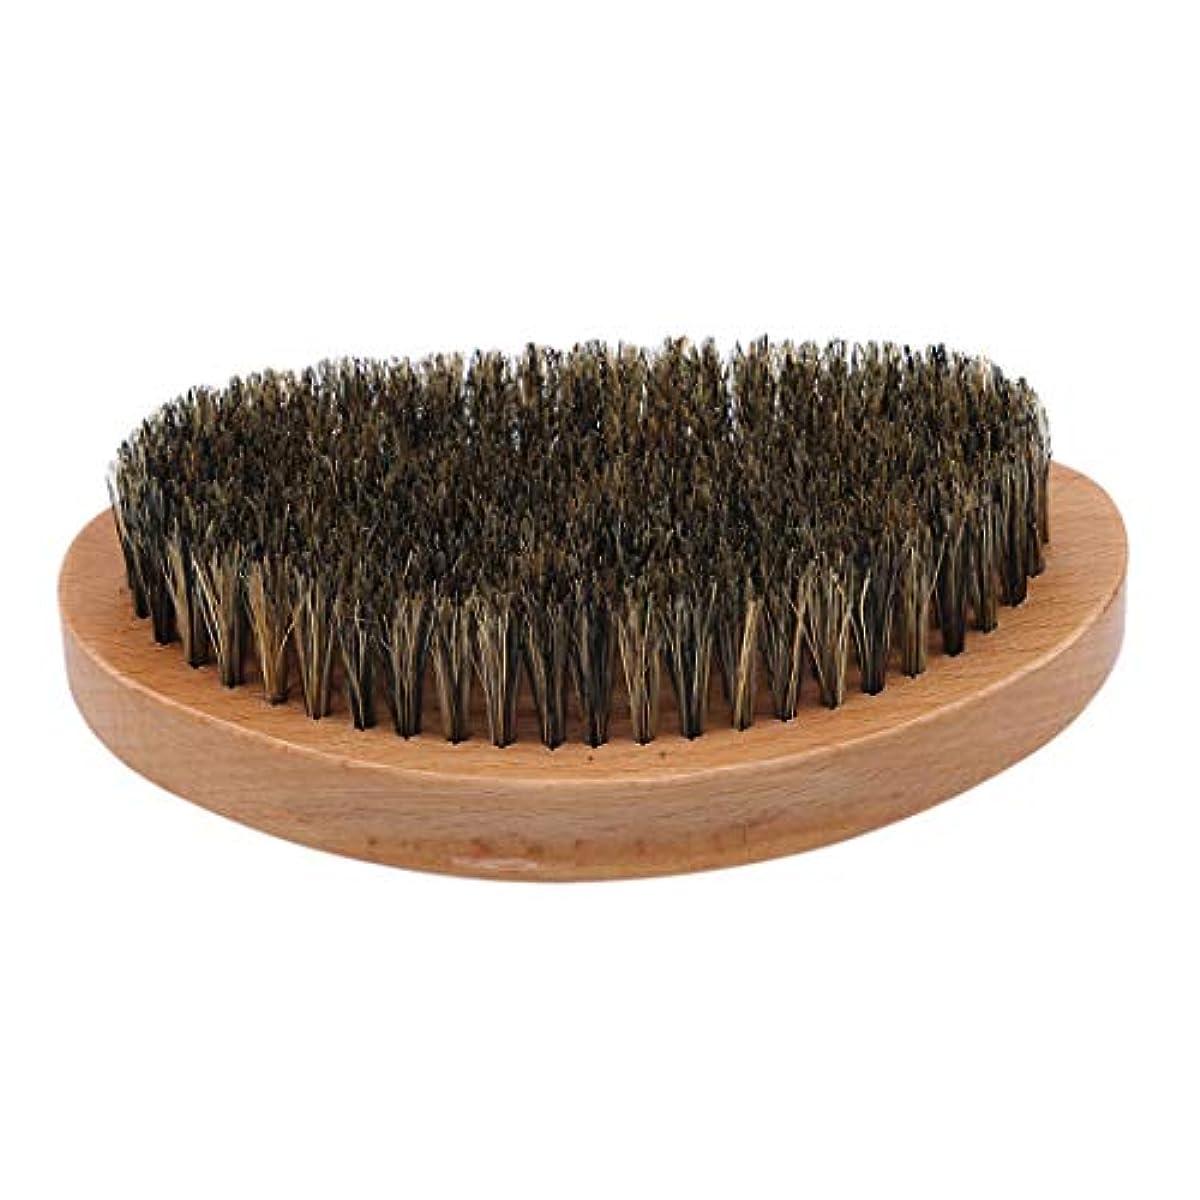 確認してくださいつぶす強打KLUMA ひげブラシ シェービングブラシ 髭剃り 毛髭ブラシ 泡立ち 理容 美容ツール 旅行用 1#